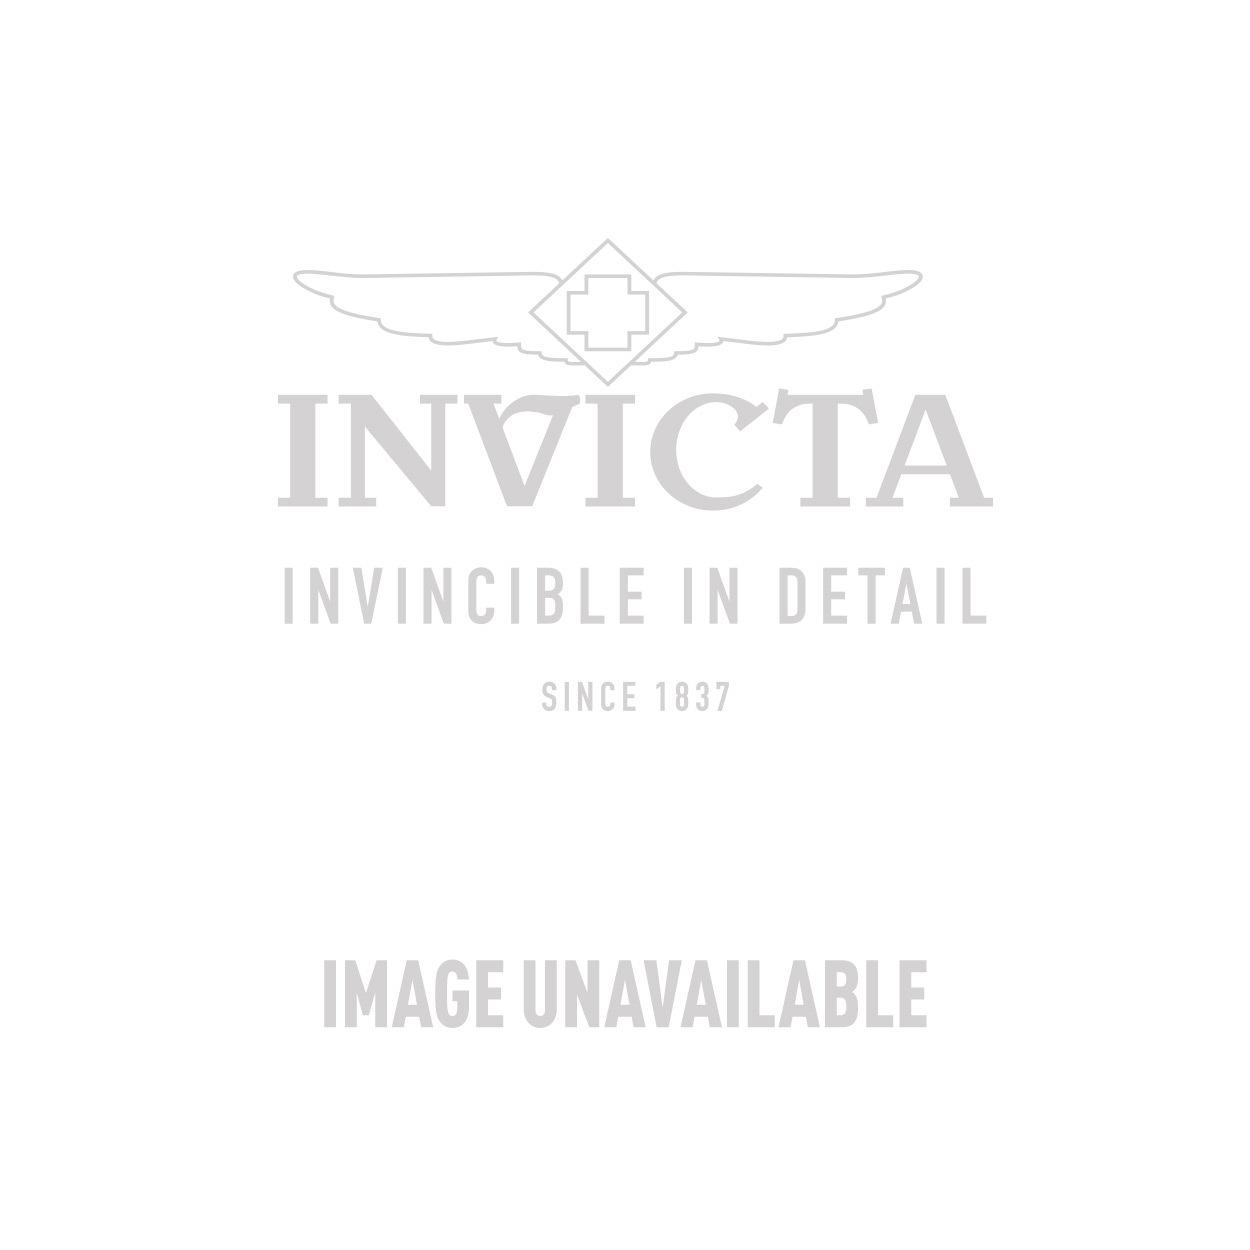 Invicta Corduba Quartz Watch - Black case with Black tone Nylon band - Model 3960